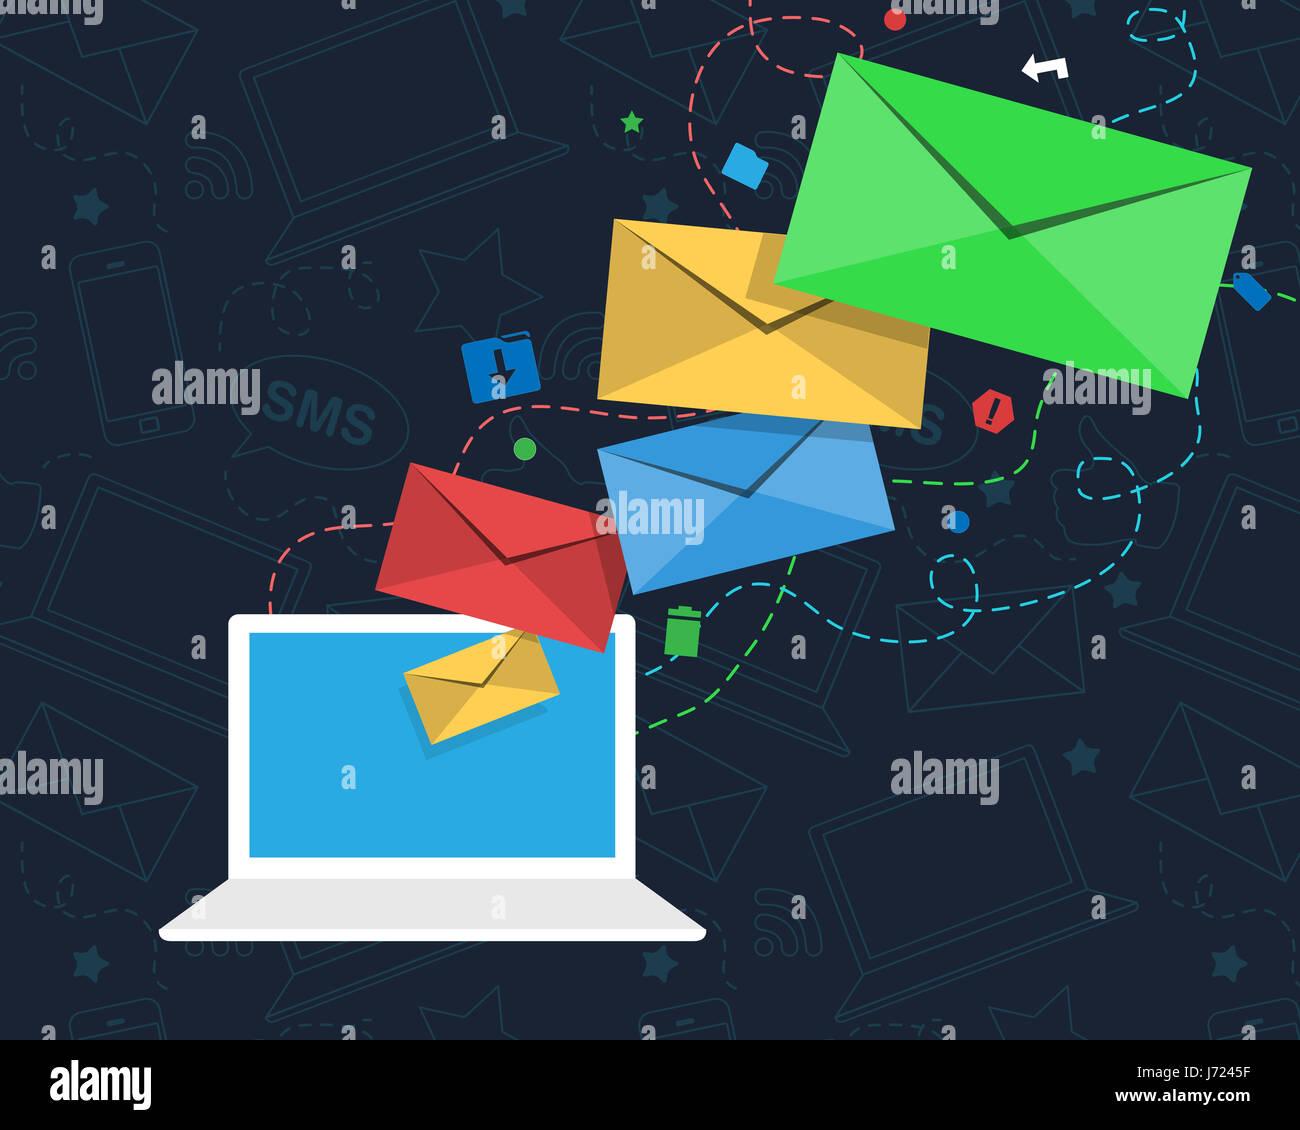 Un messaggio di posta elettronica concetto newsletter con buste colorate battenti dallo schermo di un computer portatile. Immagini Stock